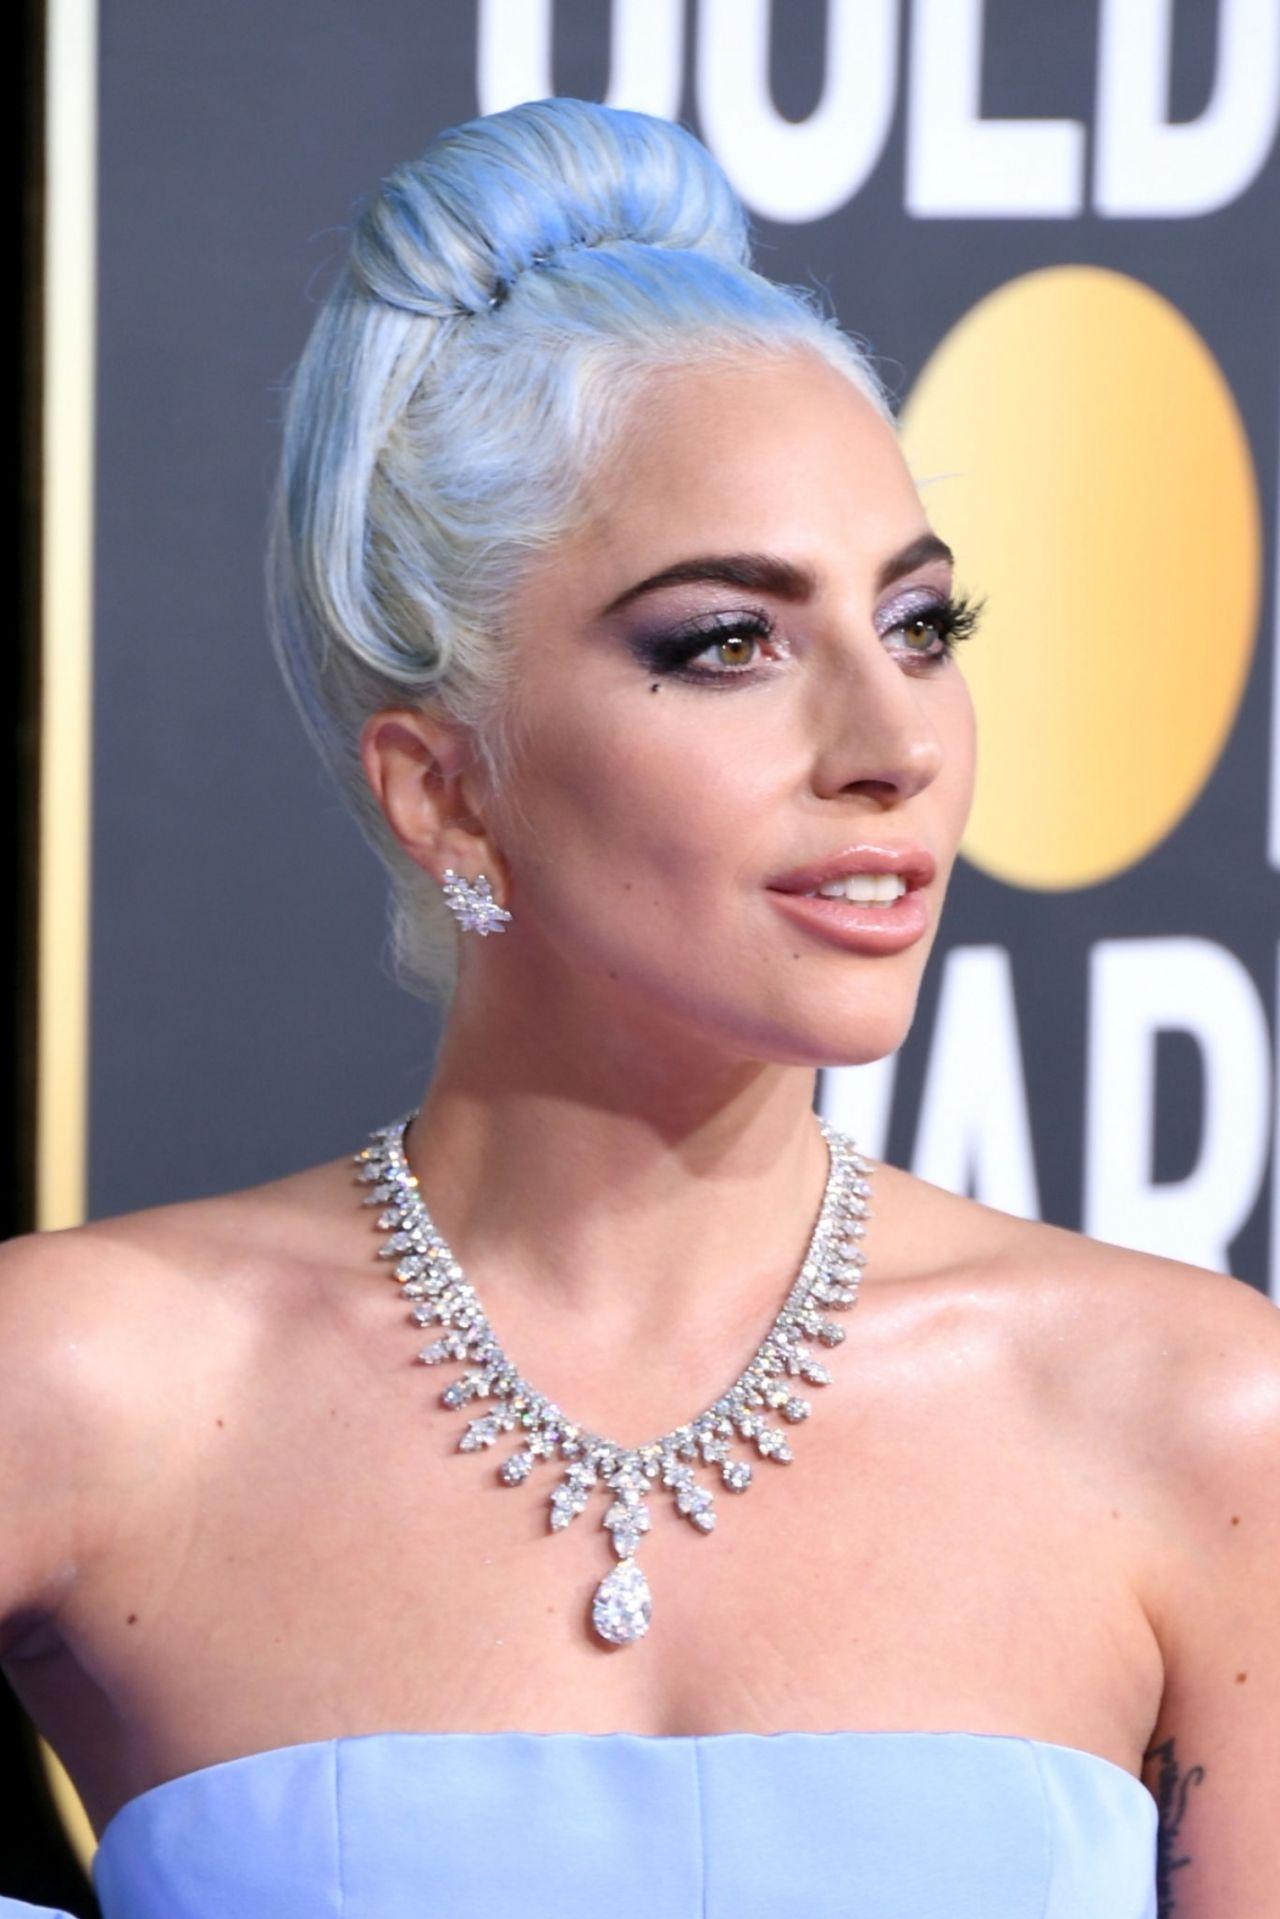 Lady Gaga 2019 Golden Globe Awards Red Carpet